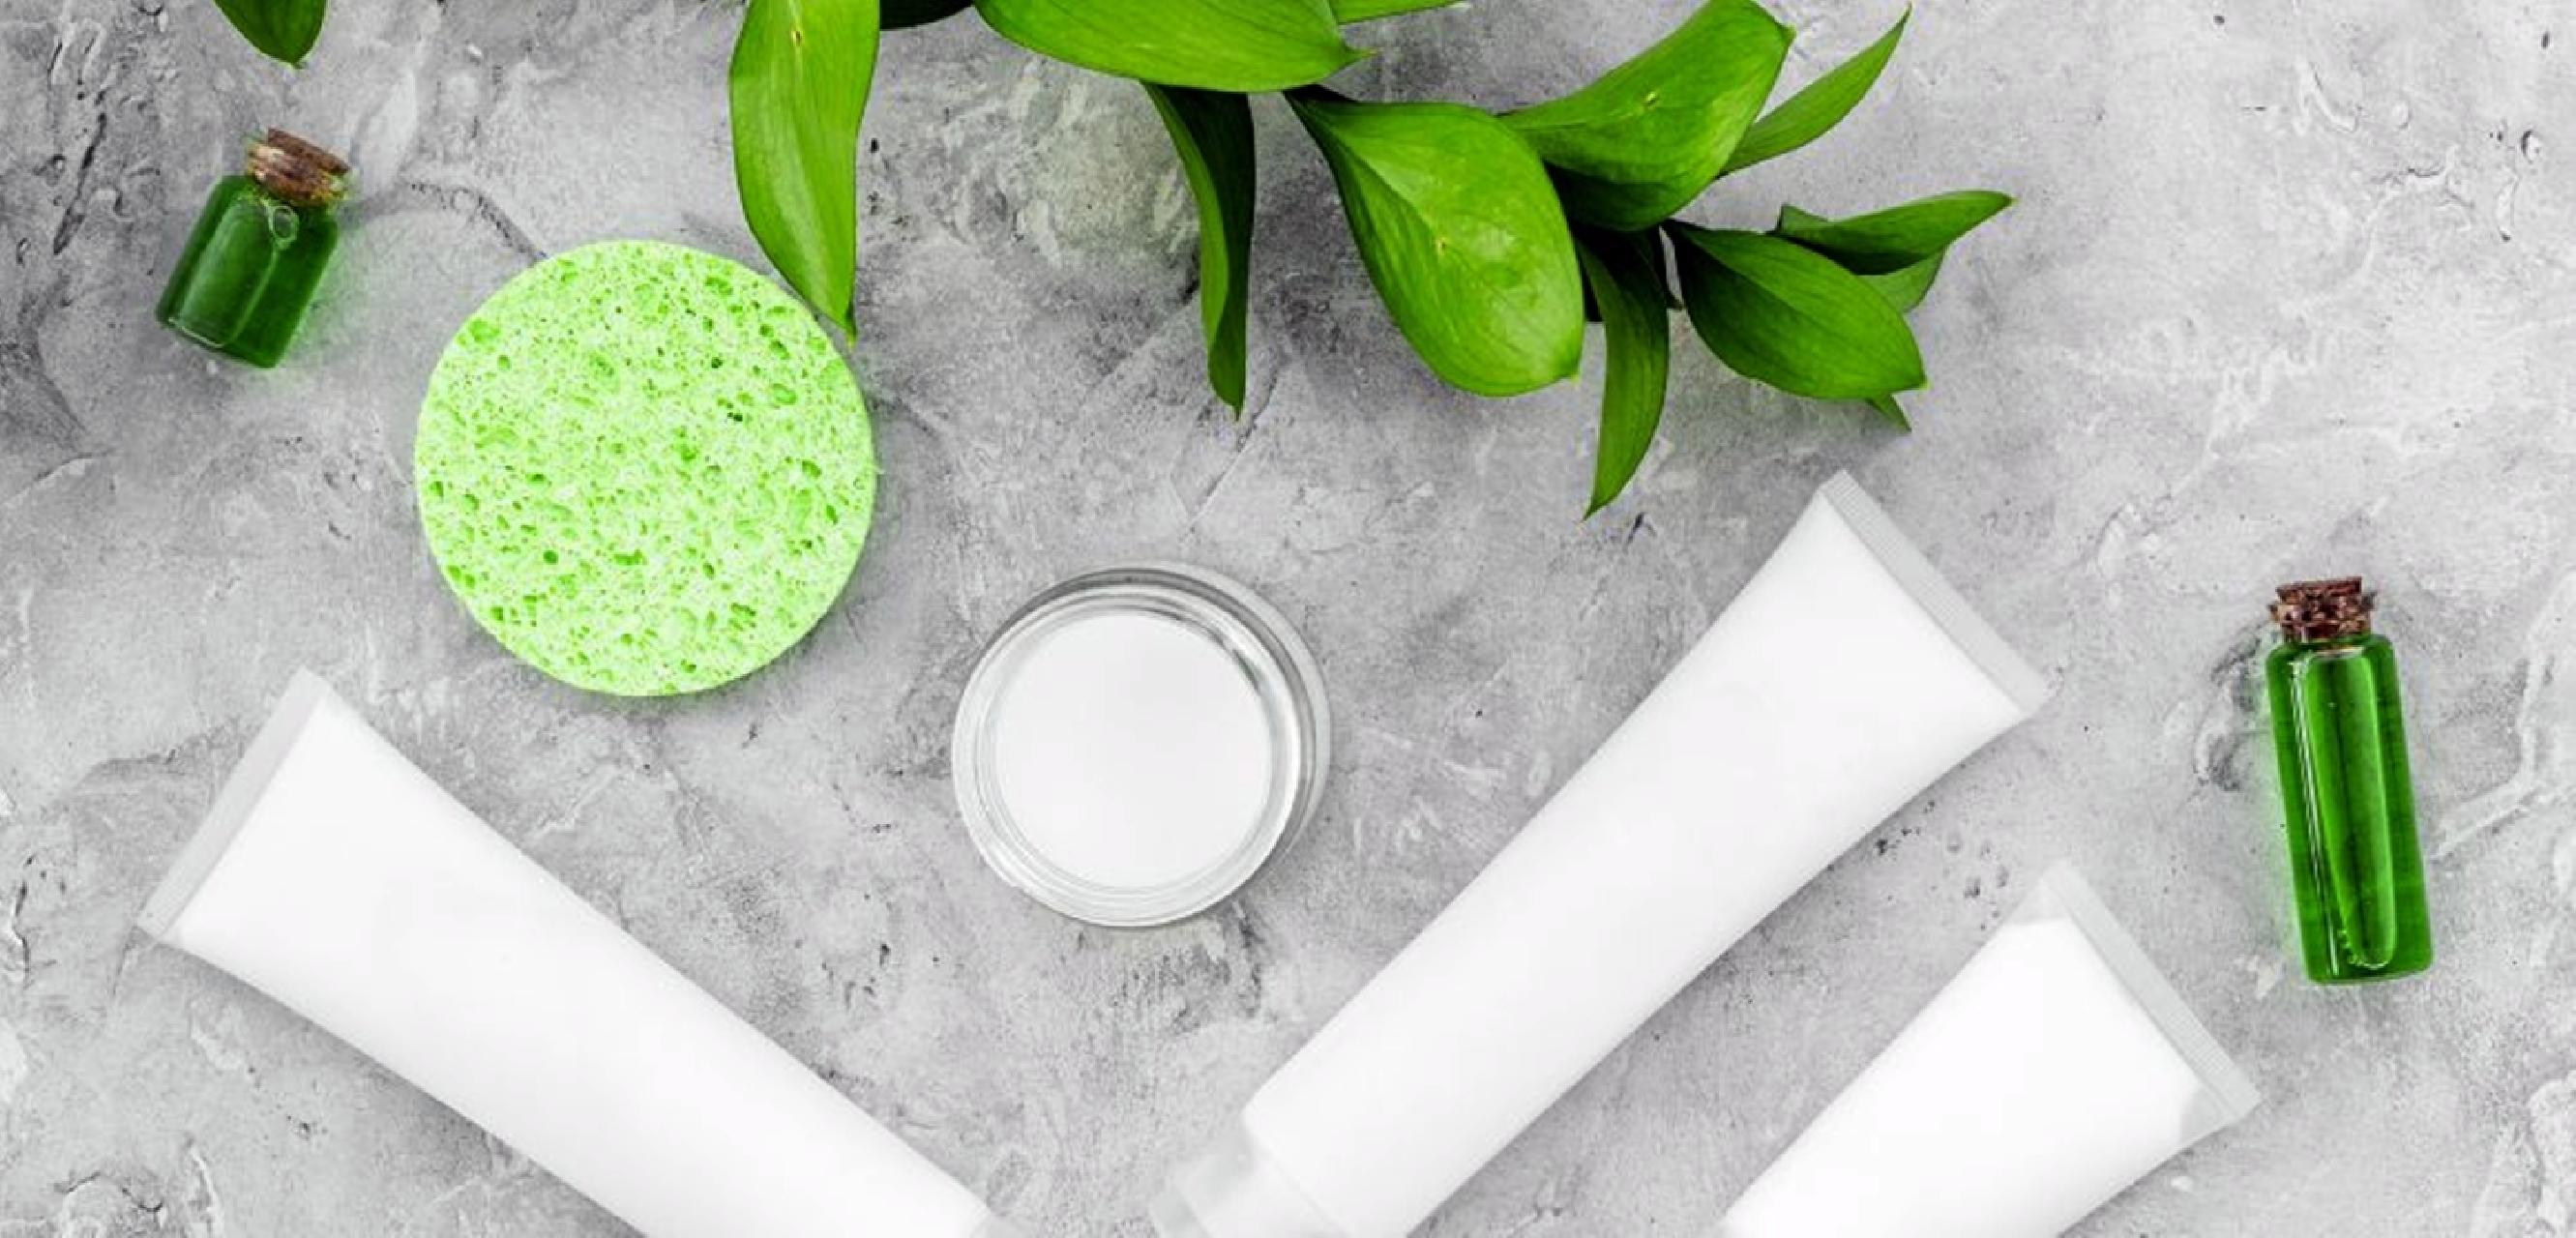 Sering memakai produk kecantikan dan kesehatan kulit, ingat 3 hal ini